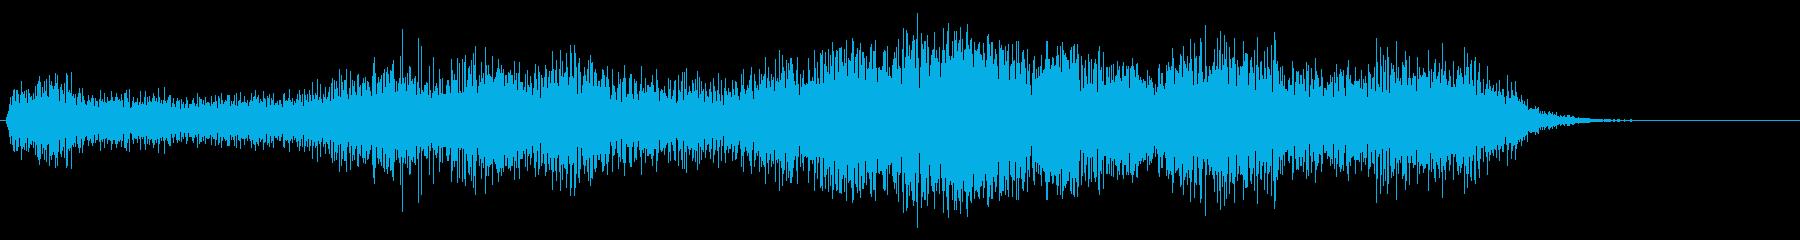 光線、レーザー、ビーム(シャー/ピャー)の再生済みの波形